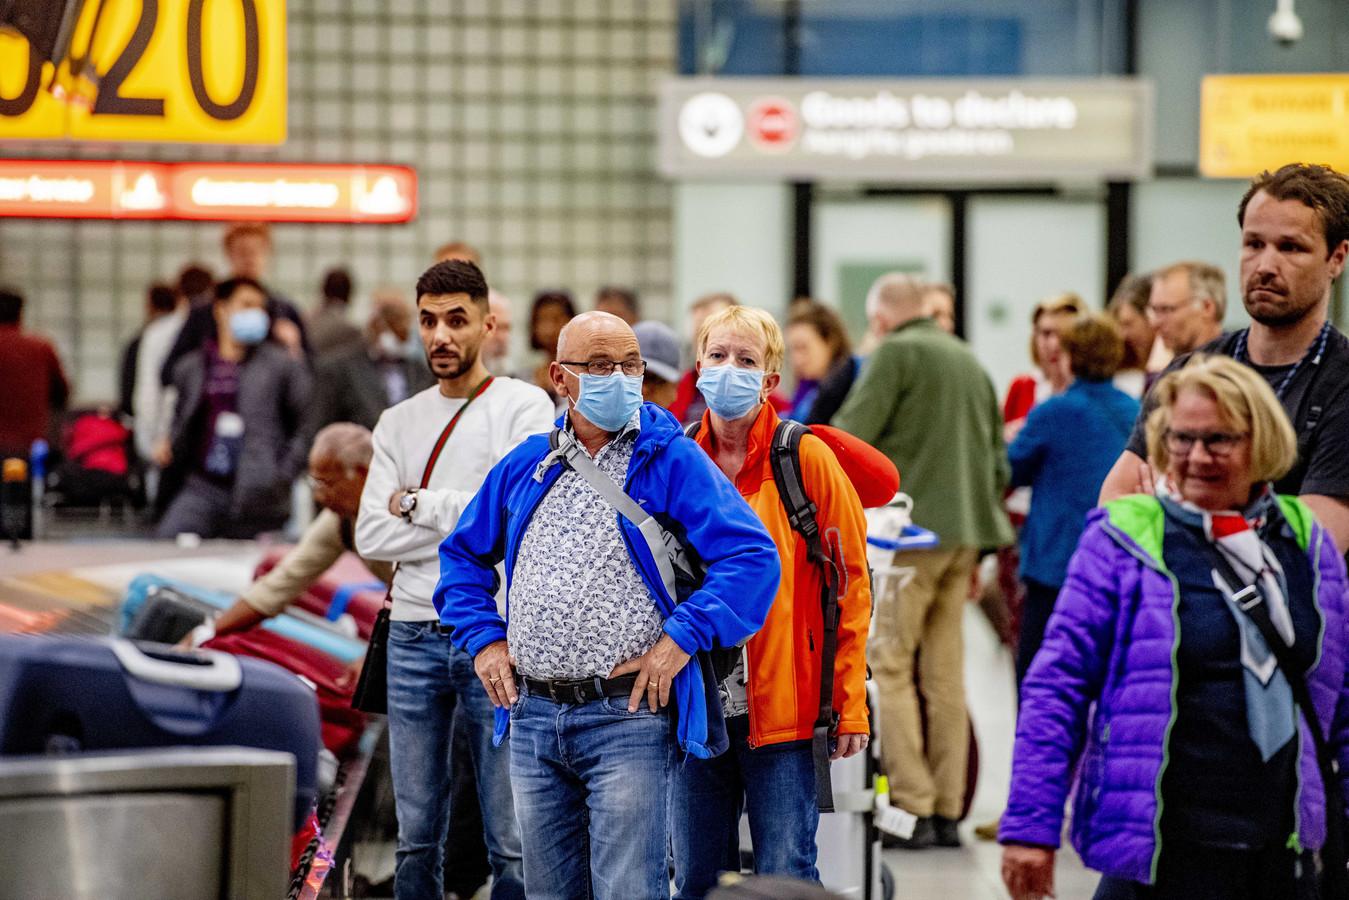 Reizigers wachten op hun bagage bij de bagageband. Meerdere luchtvaartmaatschappijen schrapten vluchten.